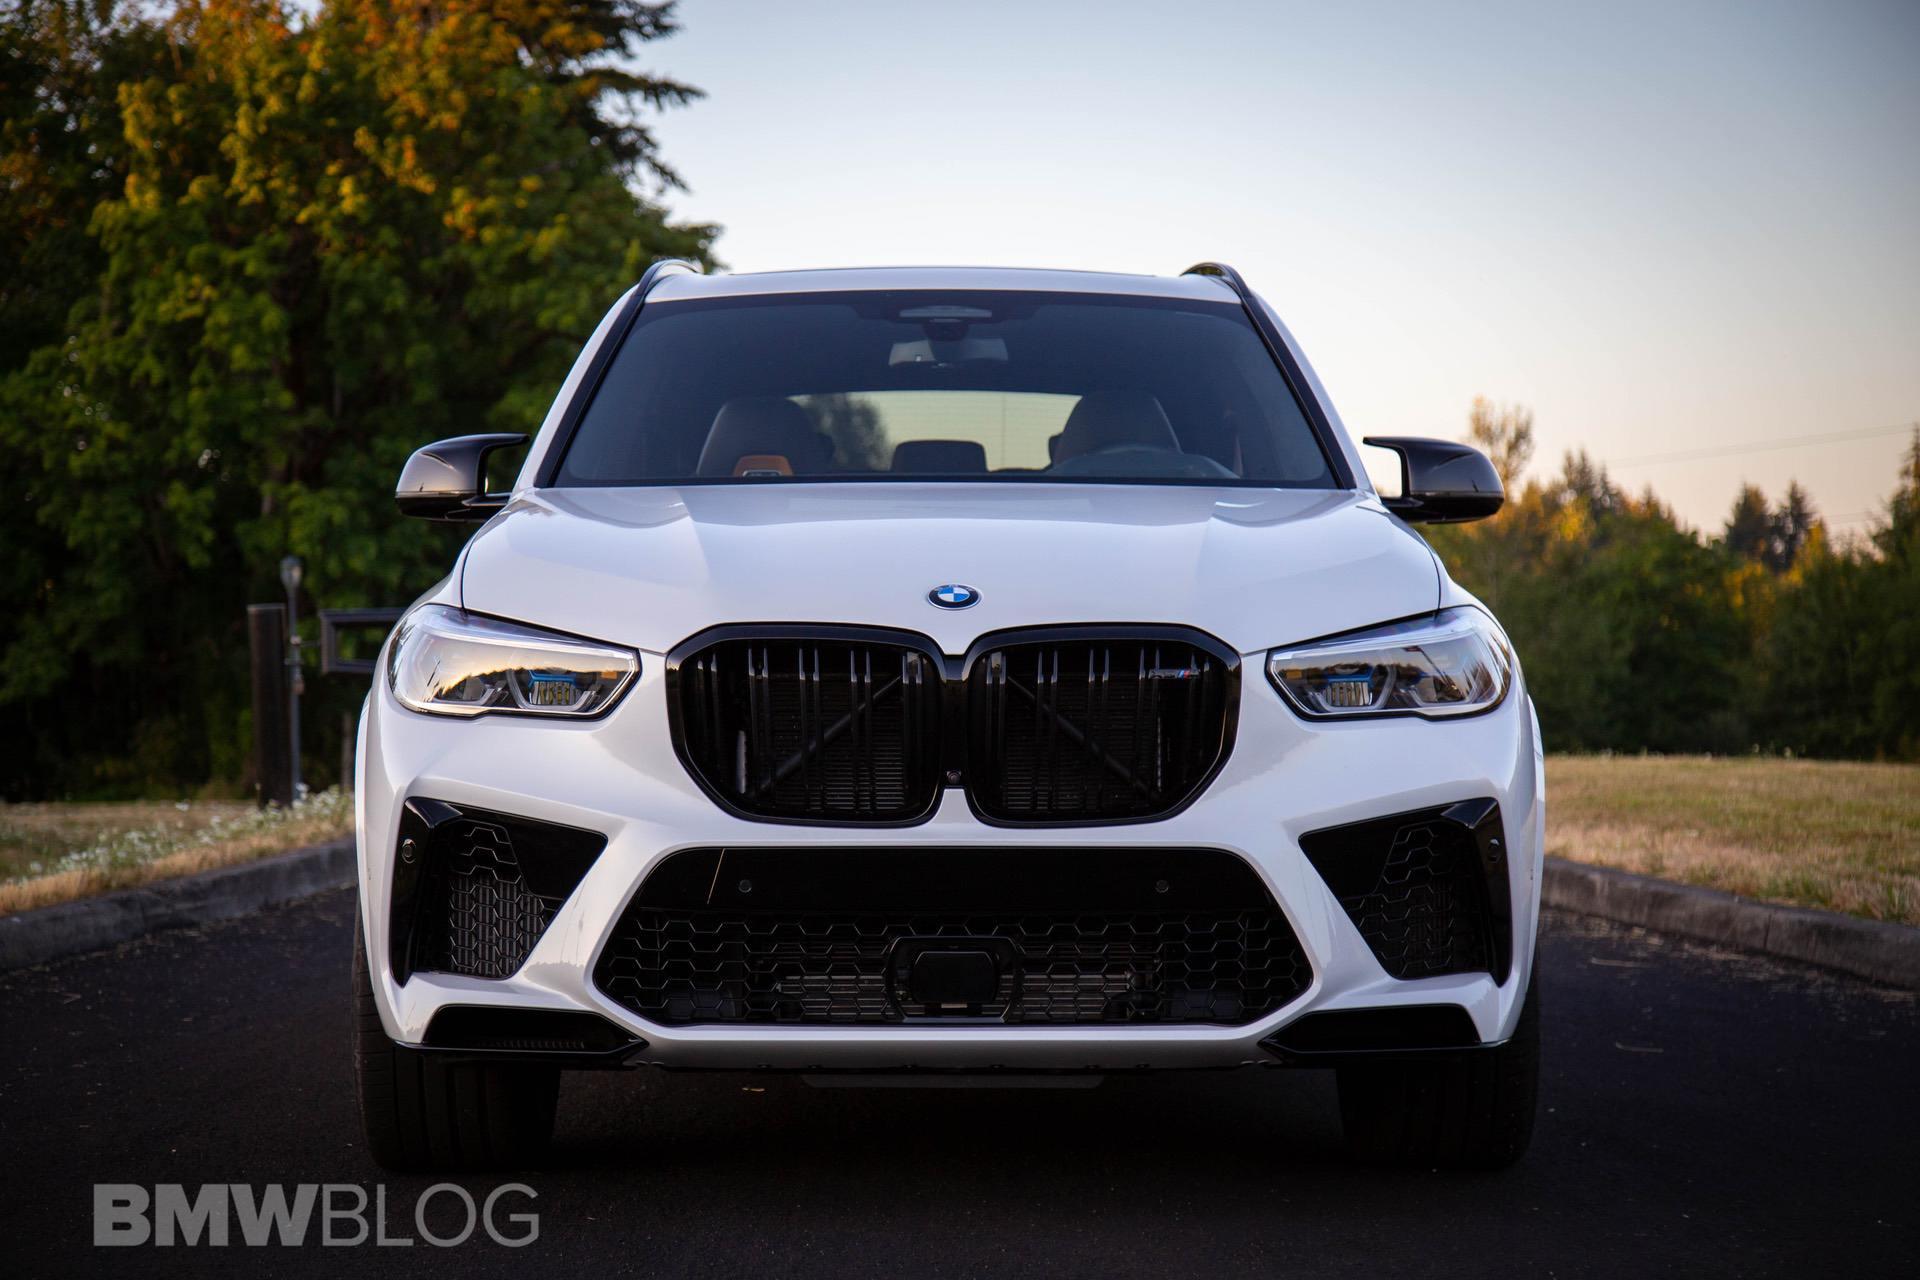 BMW M сообщает о рекордных продажах в 2020 году: поставлено почти 145000 автомобилей